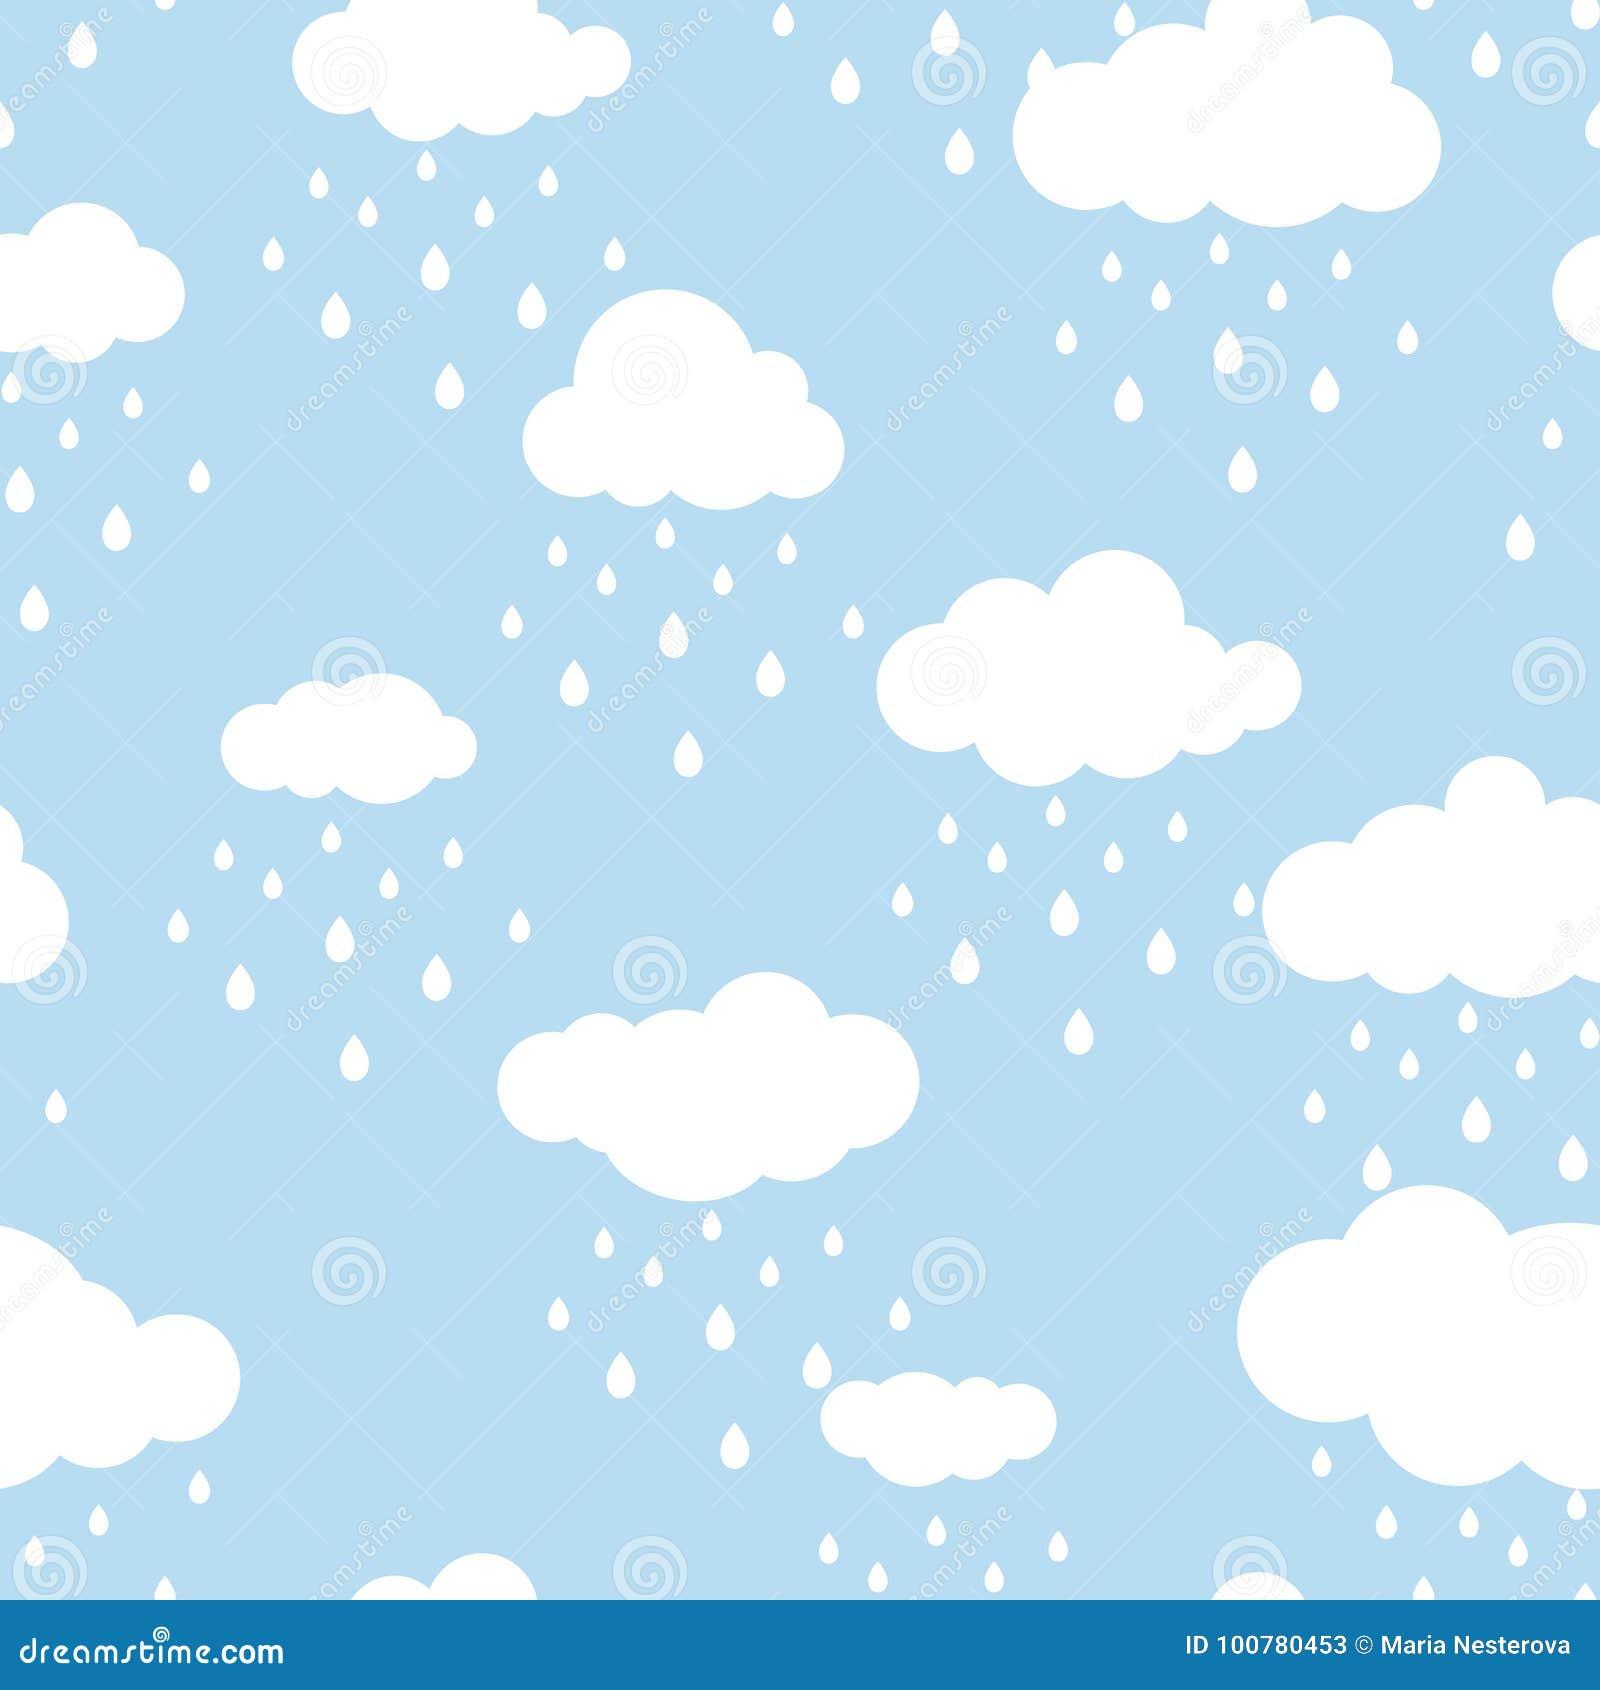 Fundo Sem Emenda Com Nuvens E Os Pingos De Chuva Brancos No Ceu